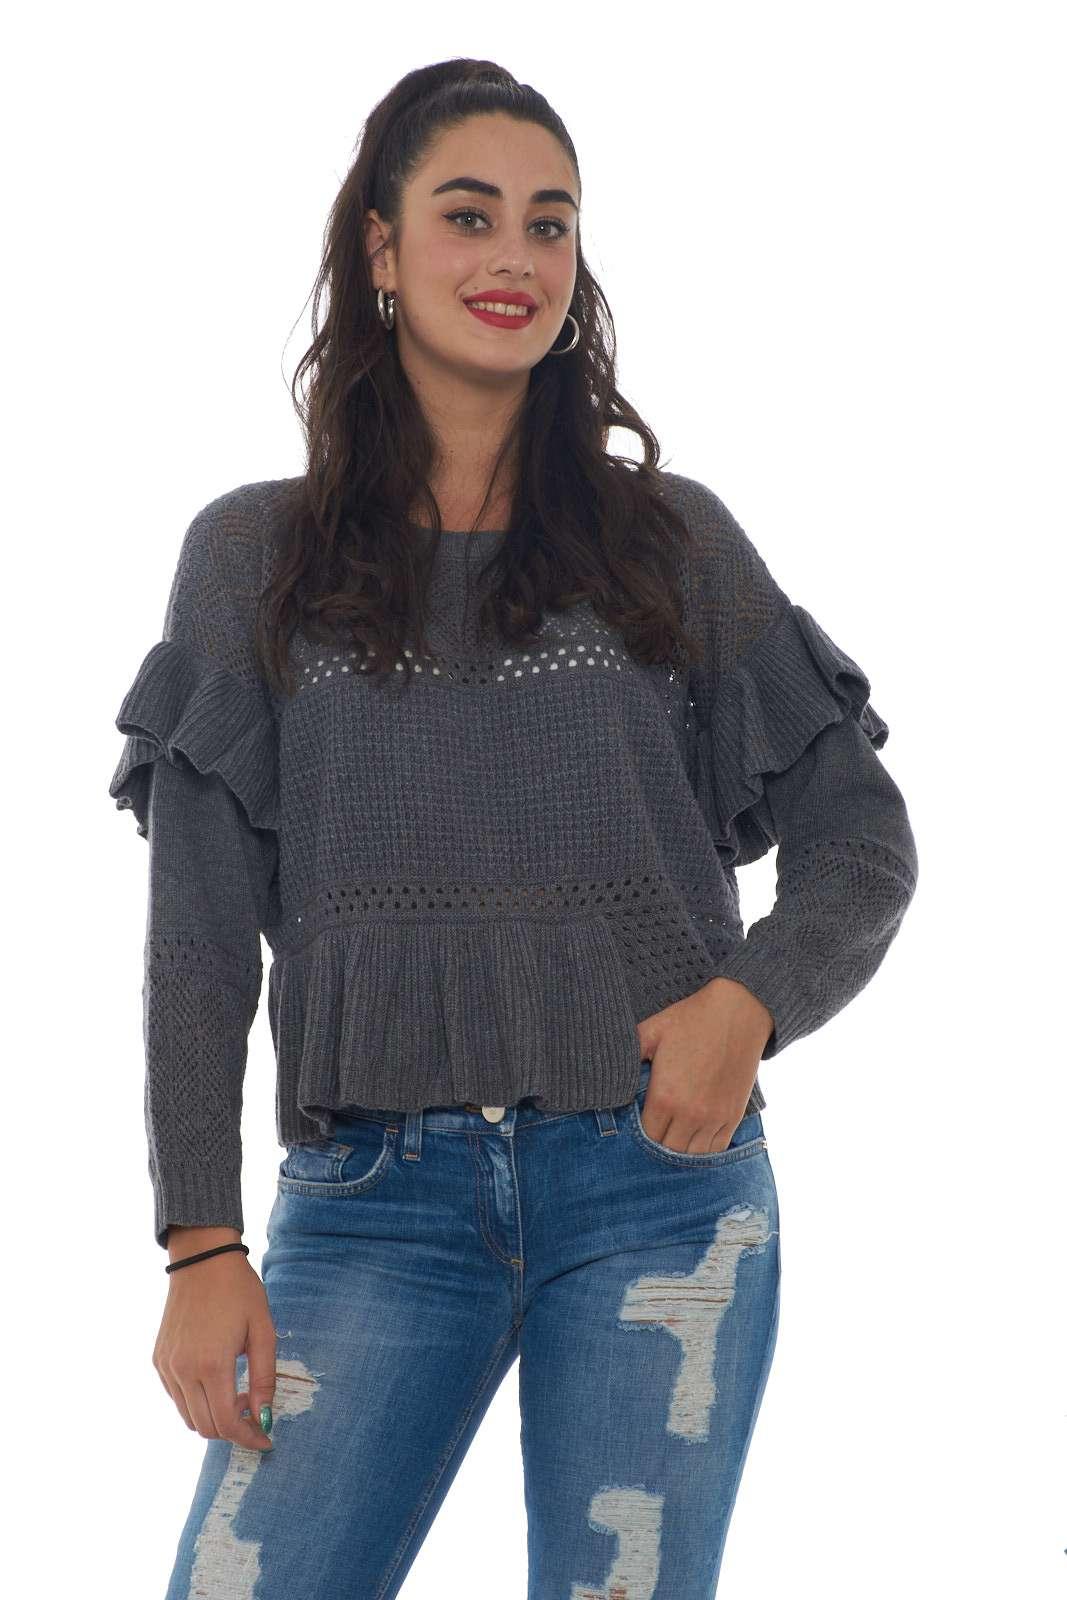 Un gusto classico per la maglia donna firmata TwinSet. L'eleganza del mohair con lavorazione traforata si impone con rouches e un taglio asimmetrico per donare movimento al capo. Da indossare sia con jeans che con pantaloni veste ogni tipo di look. La modella è alta 1.80m e indossa la taglia S.